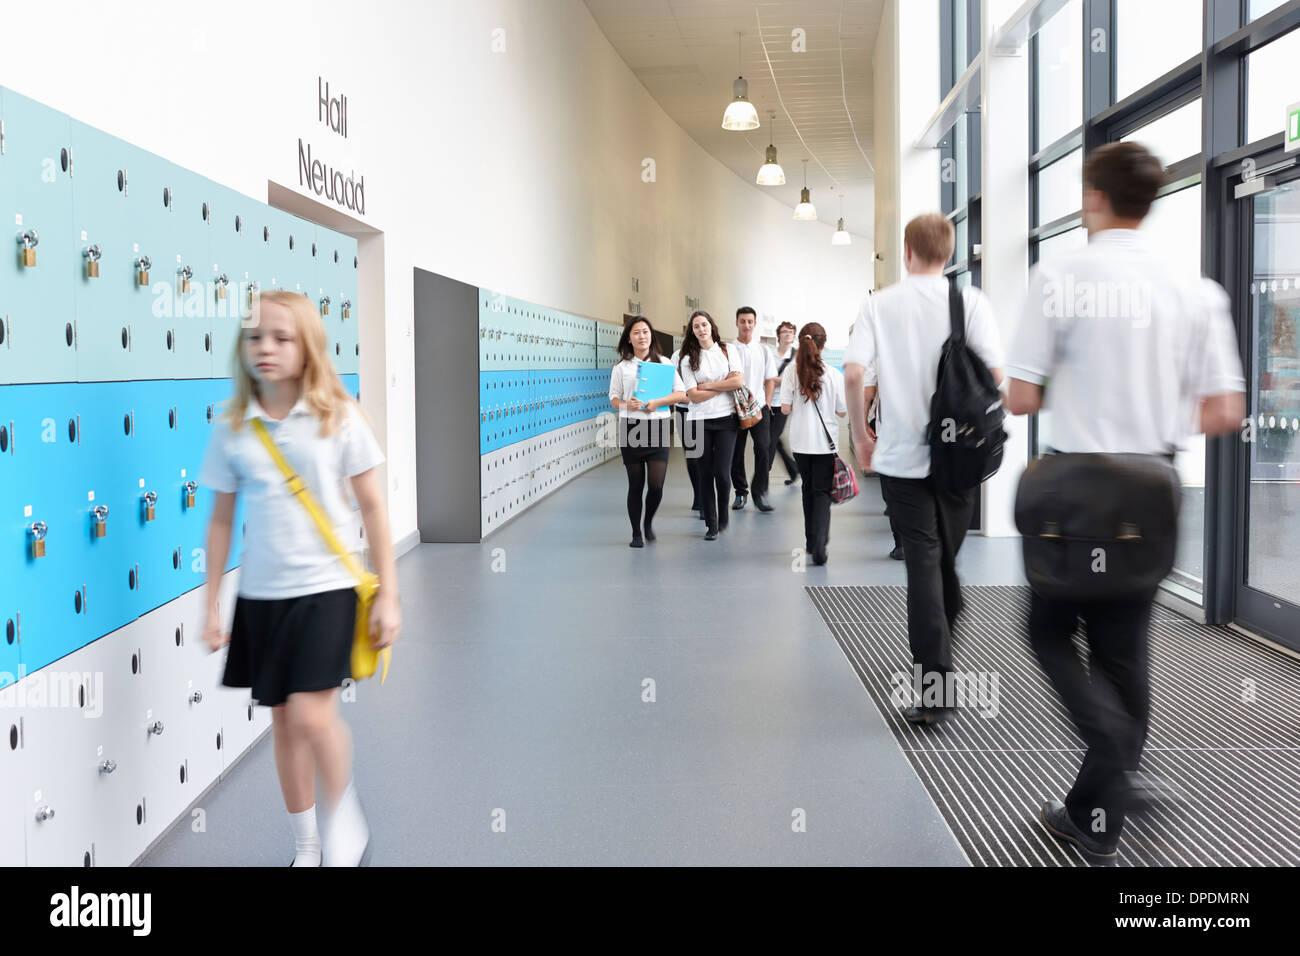 Unglücklich Schulmädchen zu Fuß in die Schule-Korridor Stockbild